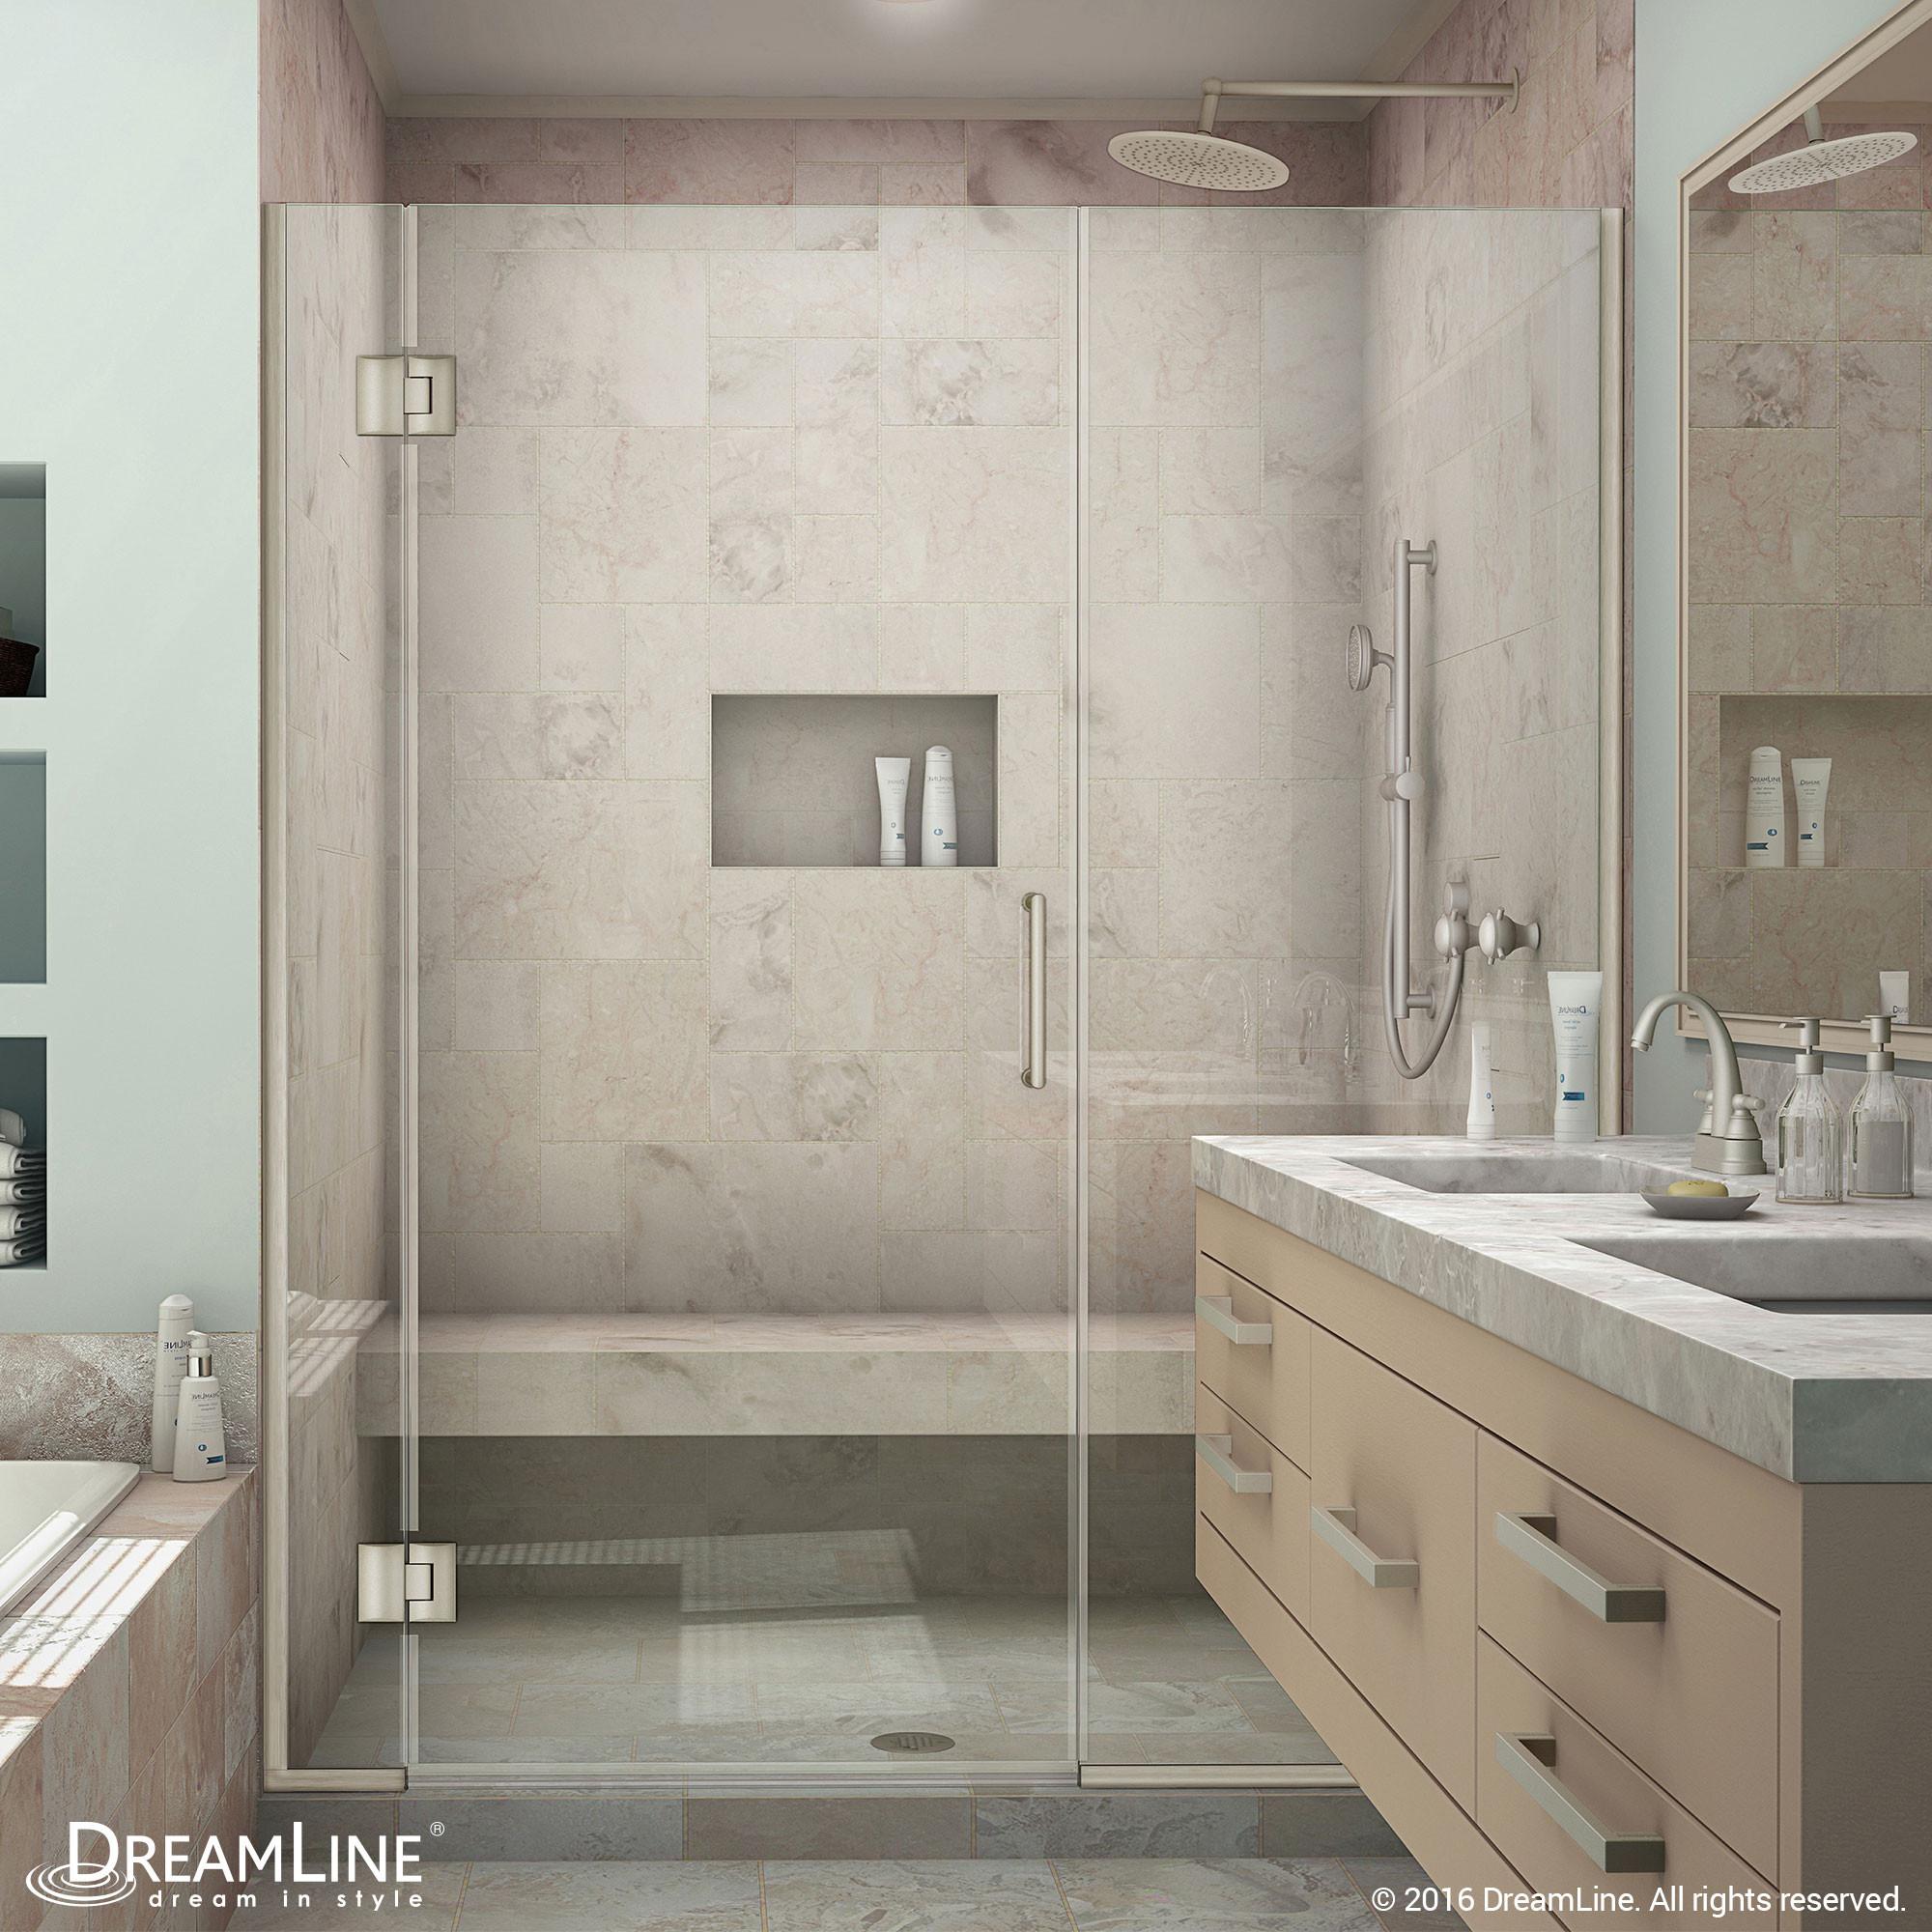 DreamLine D1293072-04 Brushed Nickel Unidoor-X 65 - 65 1/2 in. W x 72 in. H Hinged Shower Door